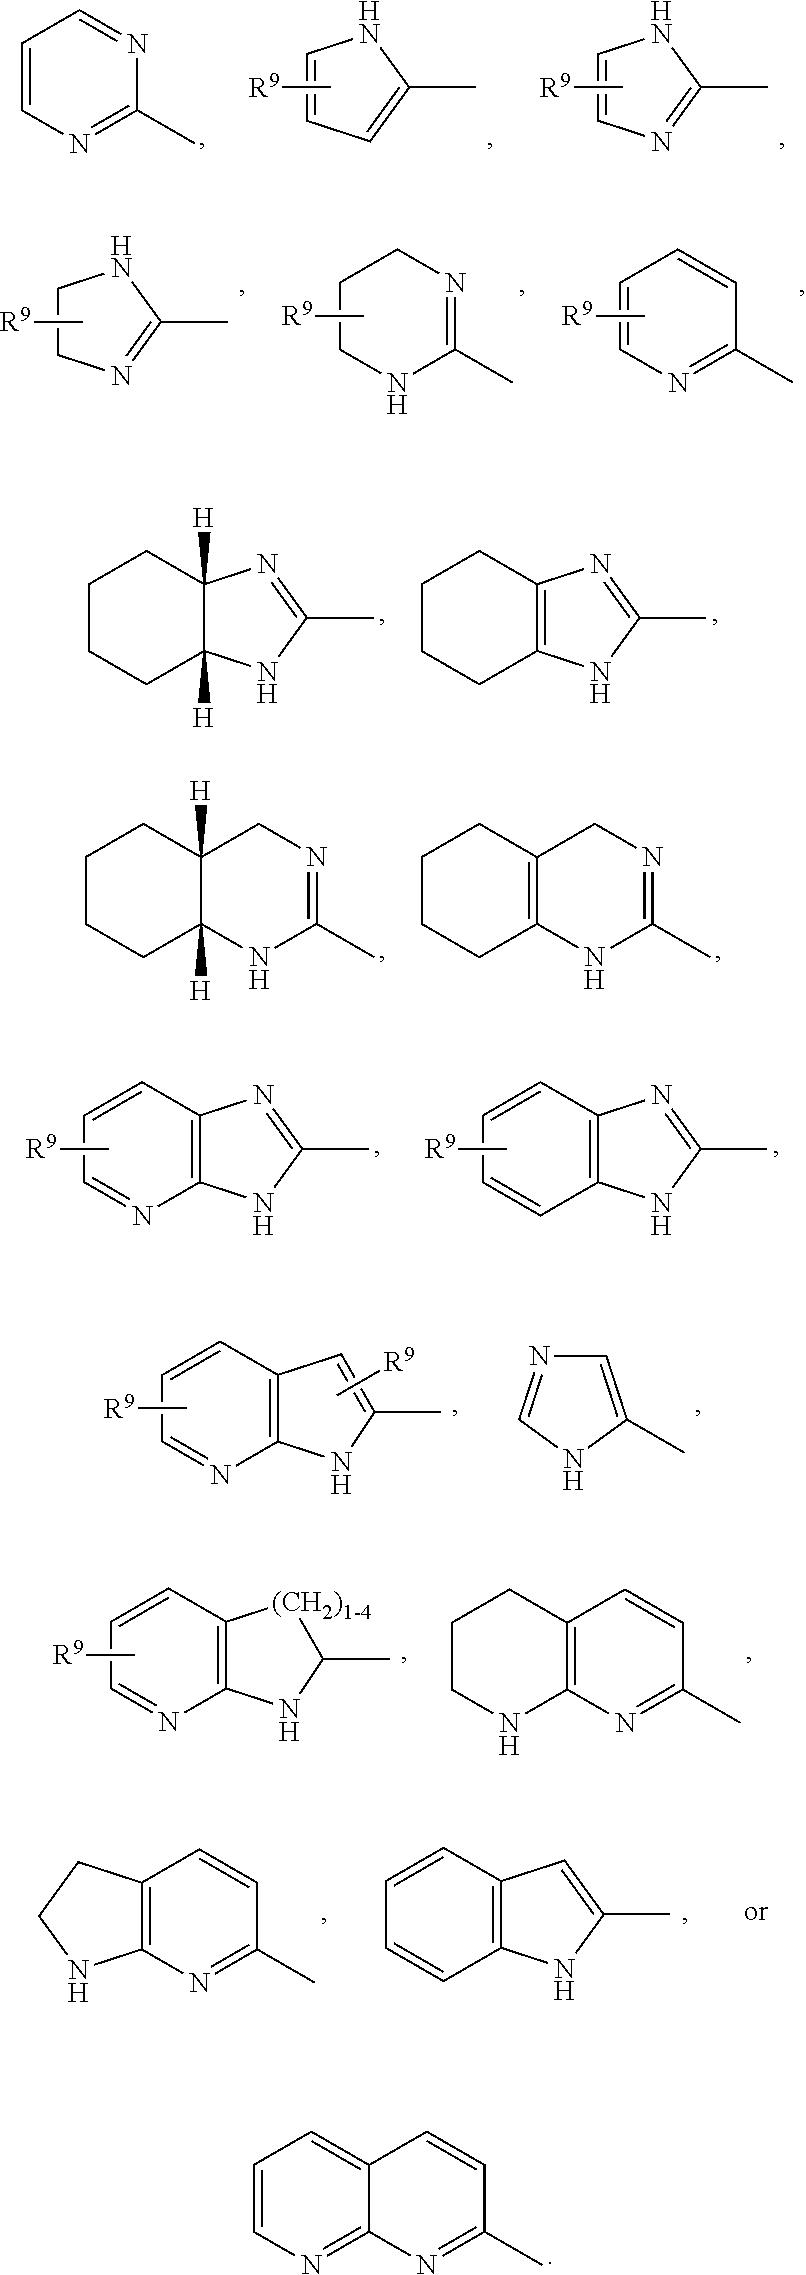 Figure US20110189174A1-20110804-C00003